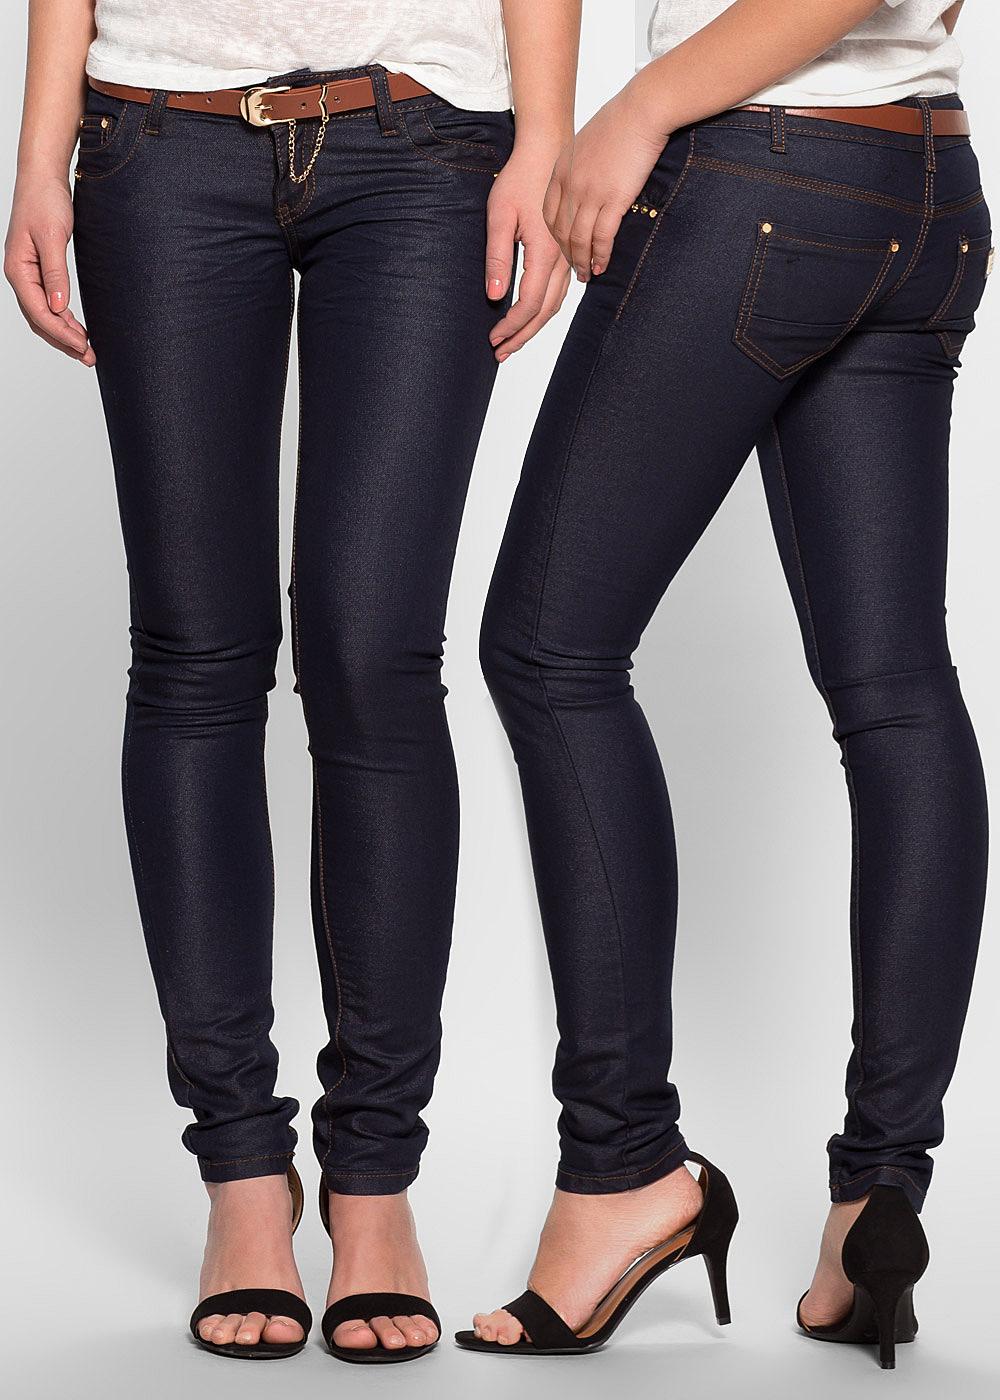 seventyseven lifestyle hose damen jeans mit g rtel 5 pockets dunkel blau denim 77onlineshop. Black Bedroom Furniture Sets. Home Design Ideas